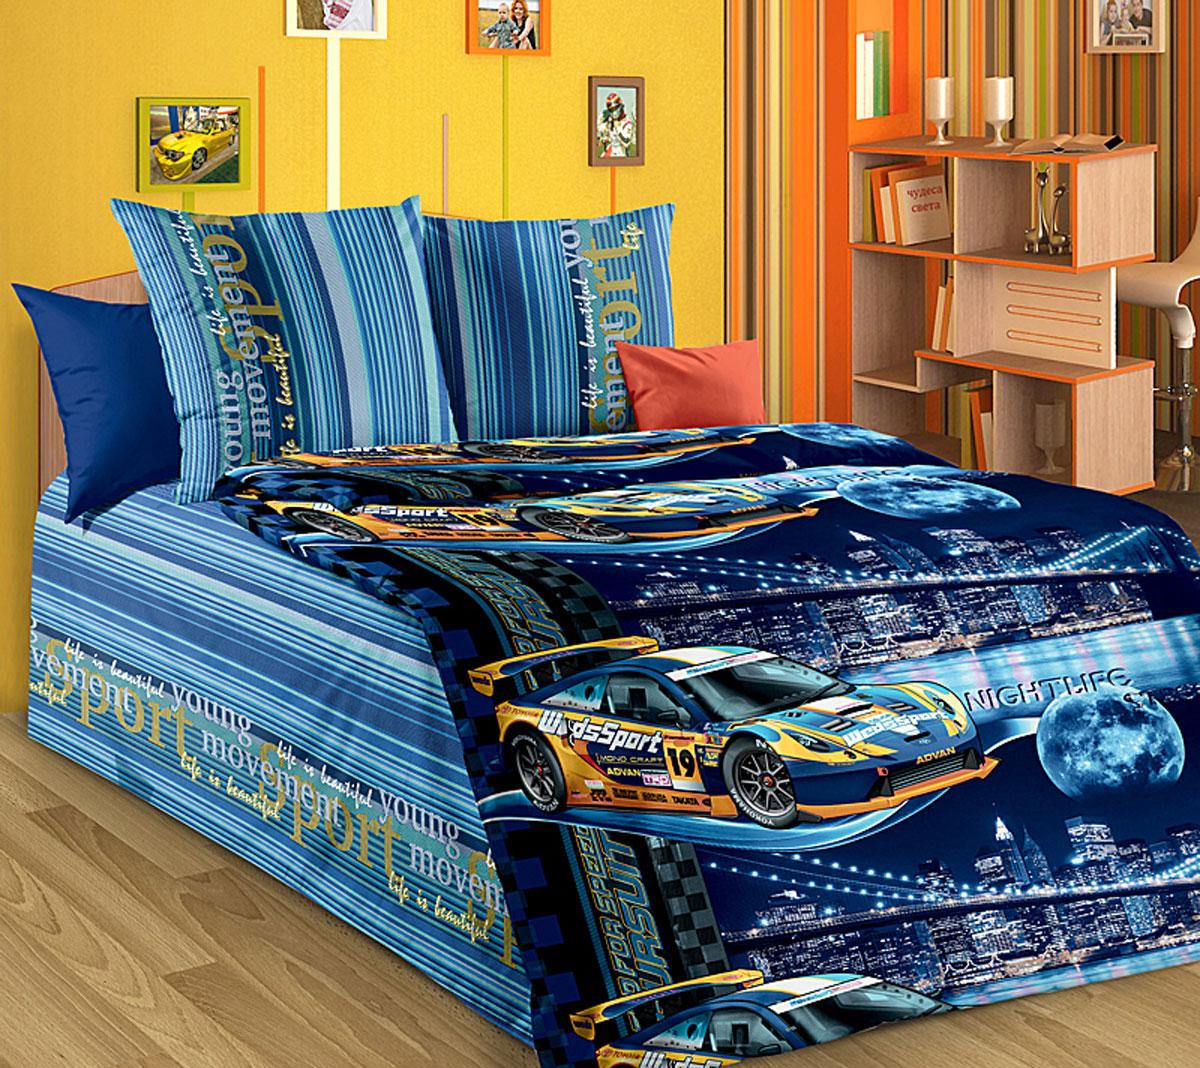 ТексДизайн Комплект детского постельного белья Неон 1,5-спальный1130АКомплект детского постельного белья Неон, состоящий из двух наволочек, простыни и пододеяльника, выполнен из прочной бязи. Комплект постельного белья украшен изображениями гоночных машин на фоне городских небоскребов. Сегодня компания Текс-Дизайн является крупнейшим поставщиком эксклюзивной набивной бязи. Вся ткань изготовлена из 100% хлопка. Бязь - хлопчатобумажная плотная ткань полотняного переплетения. Отличается прочностью и стойкостью к многочисленным стиркам. Бязь считается одной из наиболее подходящих тканей, для производства постельного белья и пользуется в России большим спросом. Фирменная продукция отличается оригинальным дизайном, высокой прочностью и долговечностью. Такой комплект идеально подойдет для кроватки вашего малыша. На нем ребенок будет спать здоровым и крепким сном.